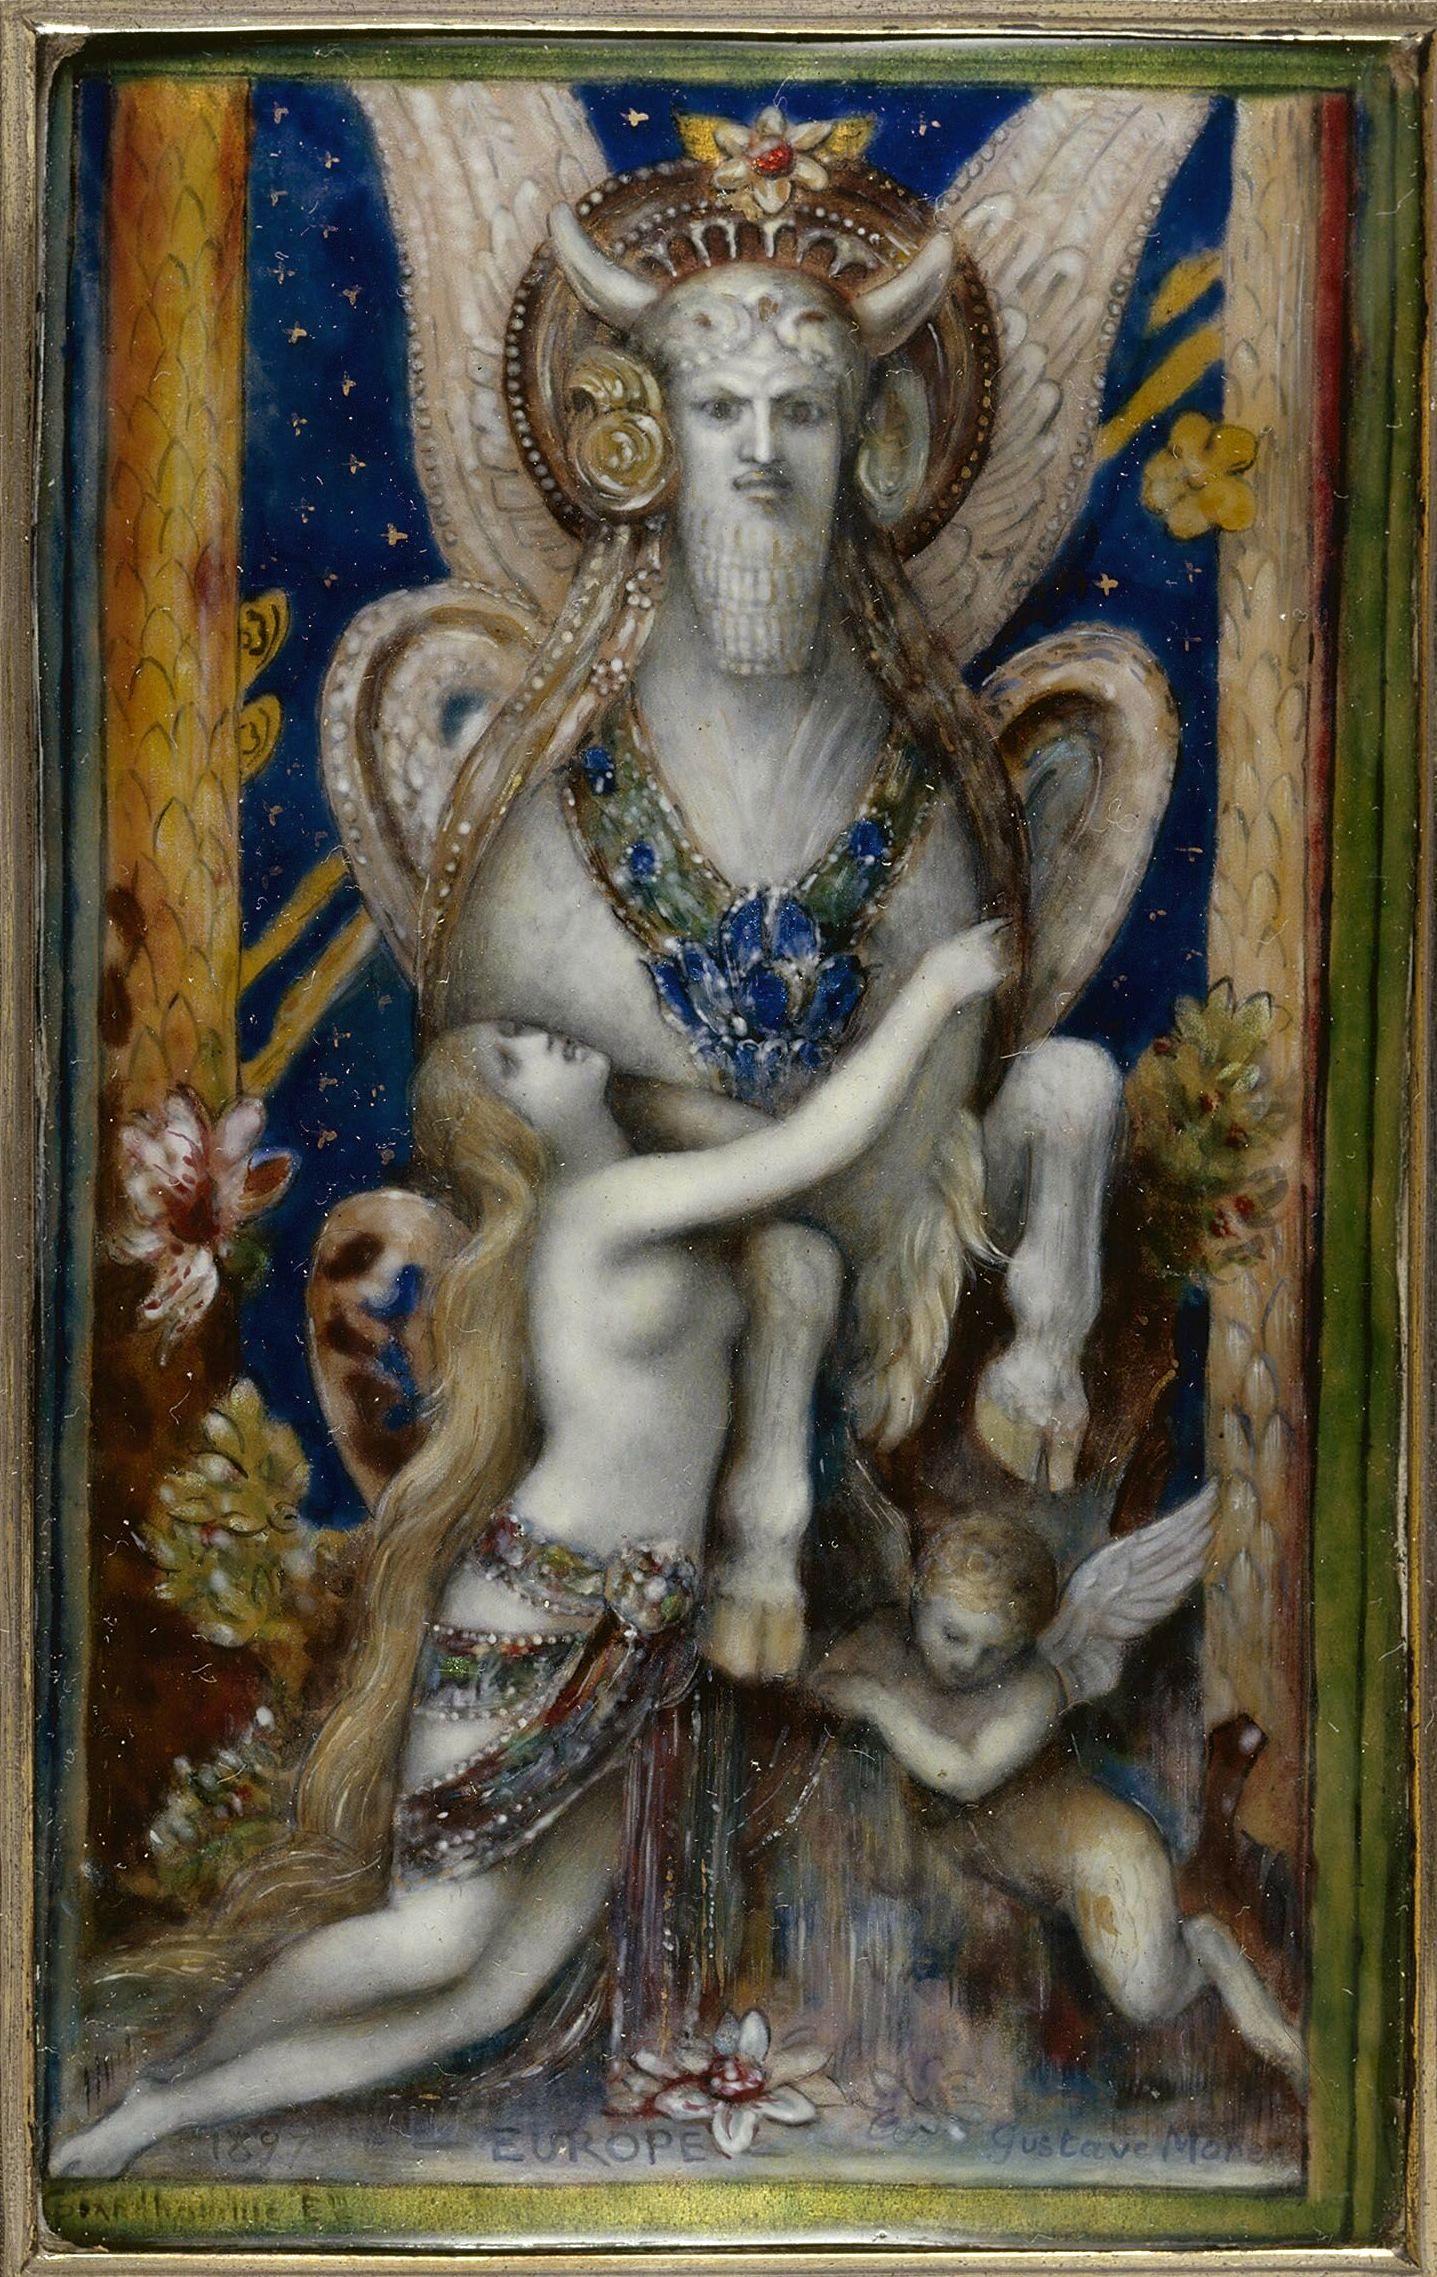 1897_Европа и Юпитер в образе быка (13.5 х 8.5 см) (эмаль) (Париж, Петит Палас, Музей современного искусства)